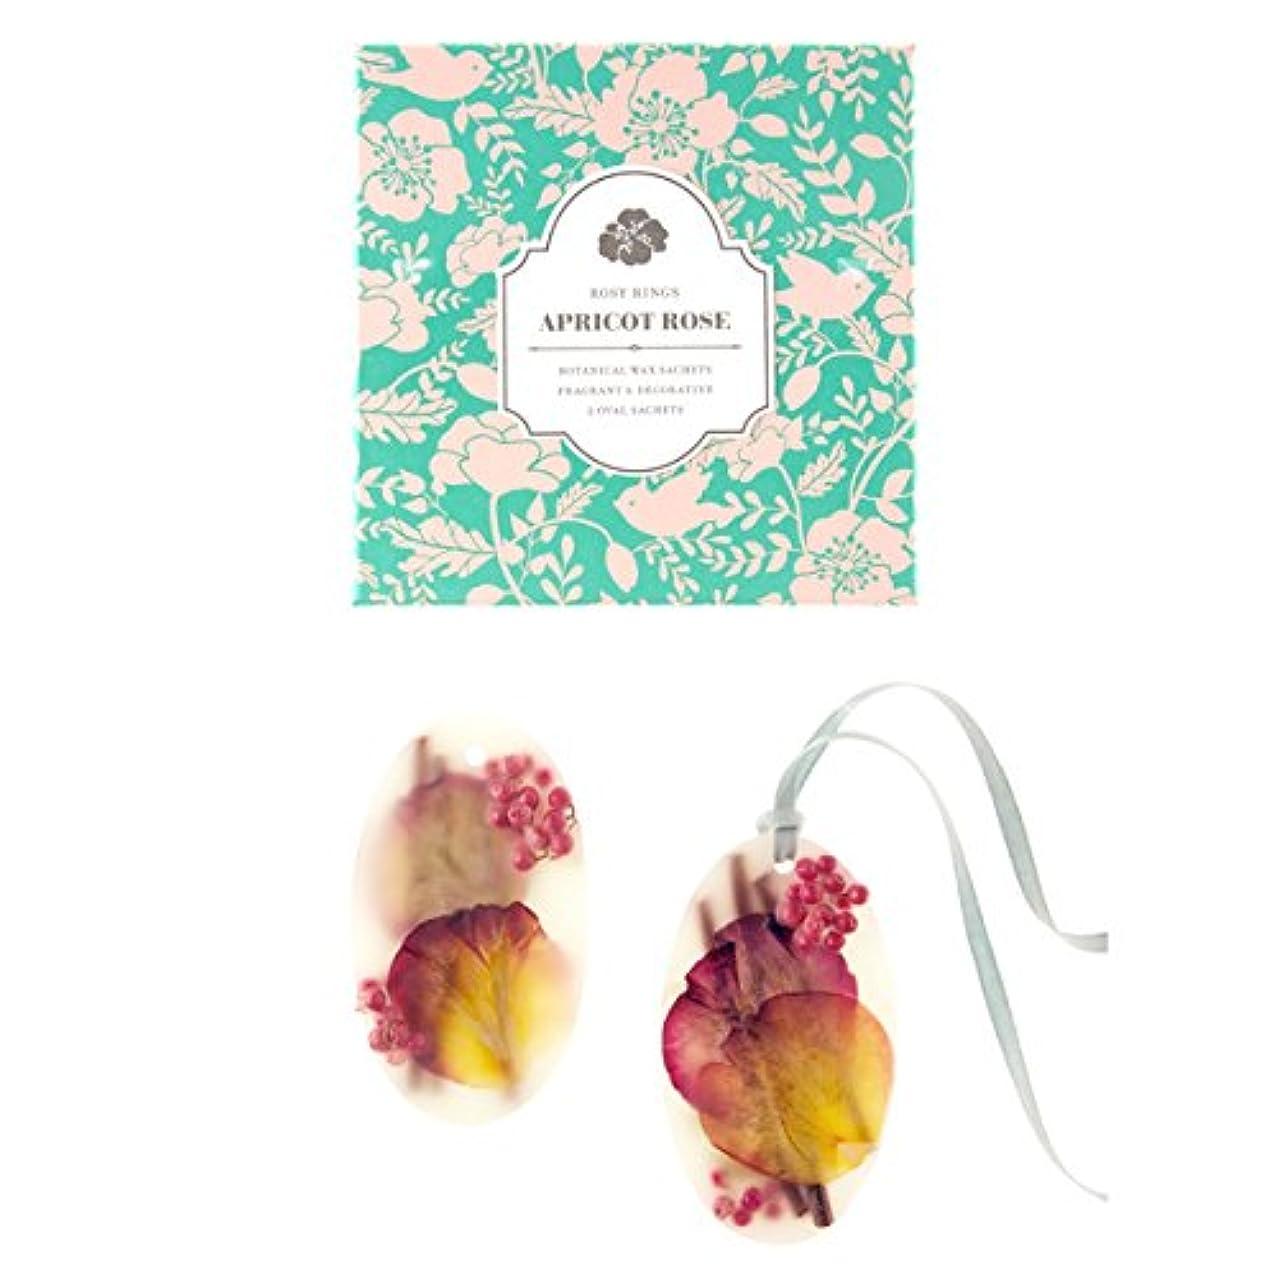 支払いマキシムボアロージーリングス ボタニカルワックスサシェ オーバル アプリコット&ローズ ROSY RINGS Signature Collection Botanical Wax Sachets – Apricot Rose